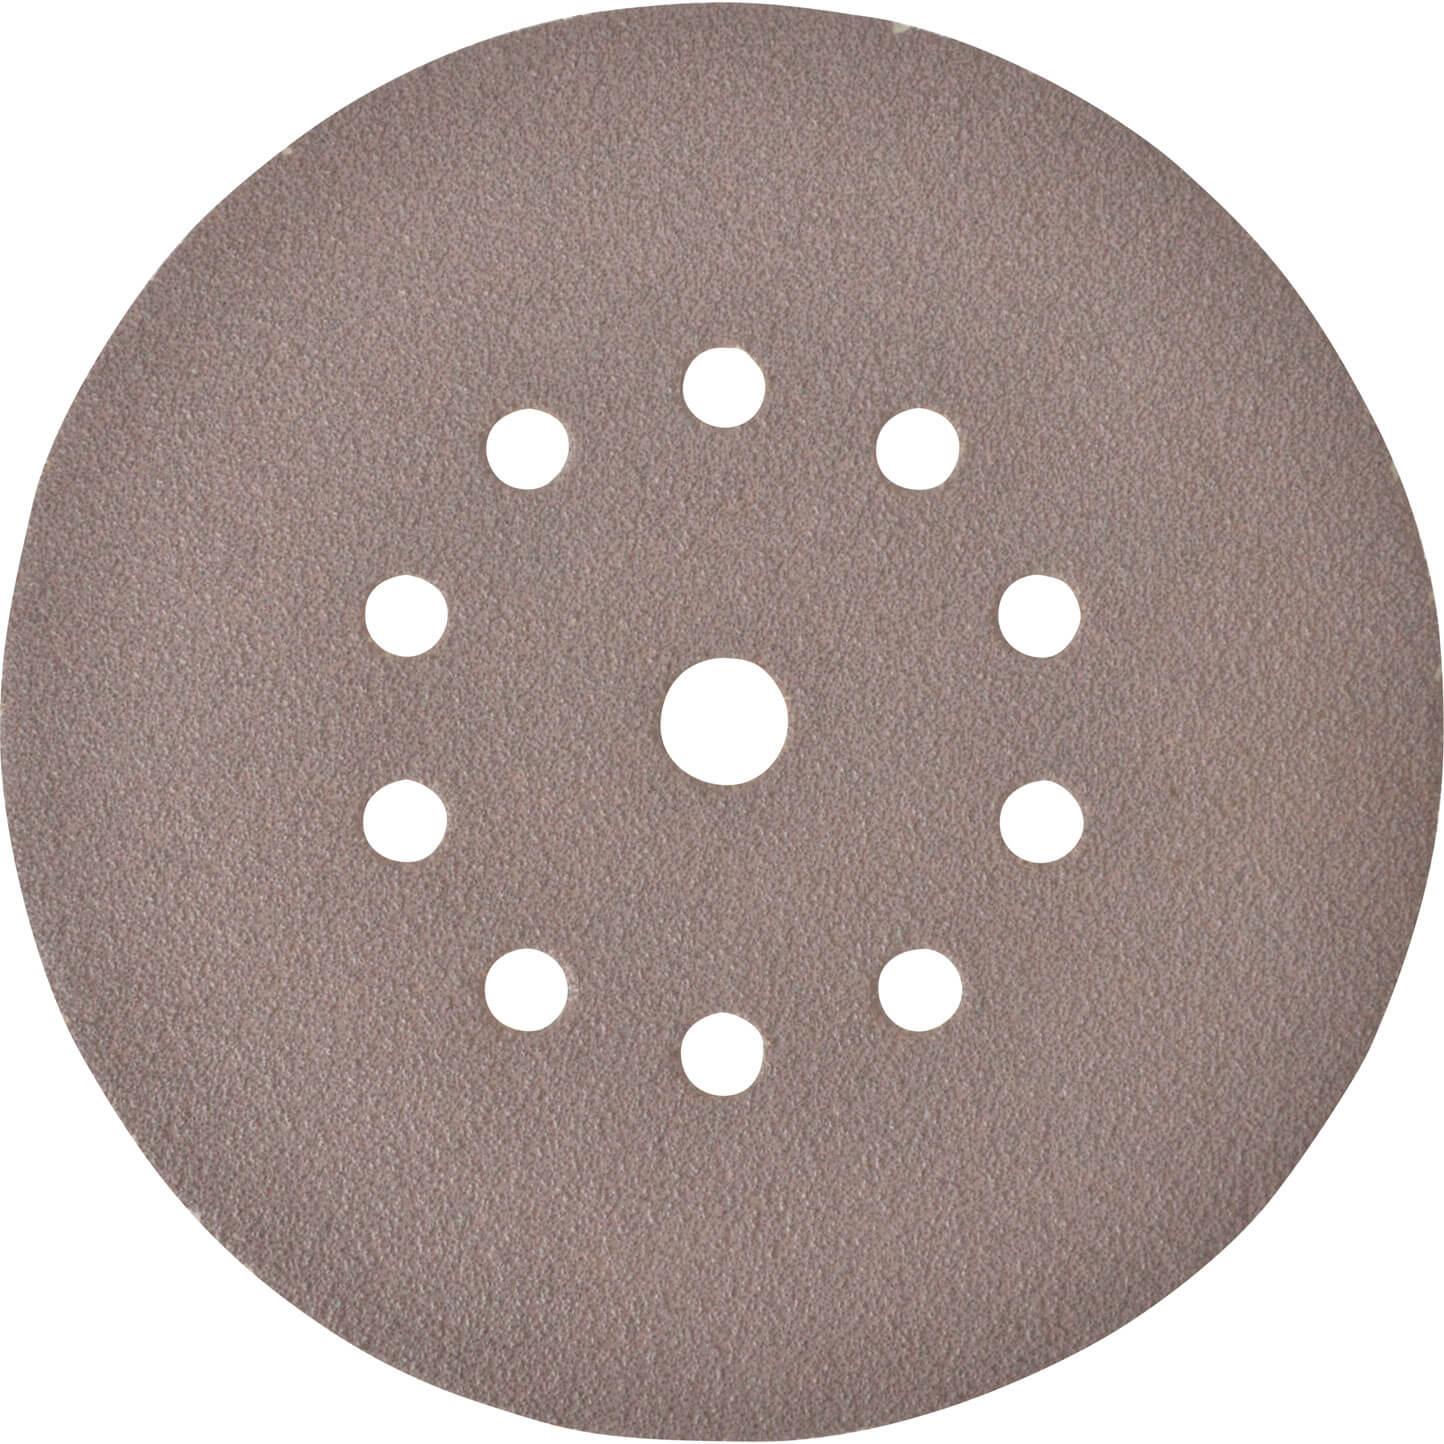 Flex Sanding Paper Velcro Backing Round for WST-700VP 40G Pack of 25